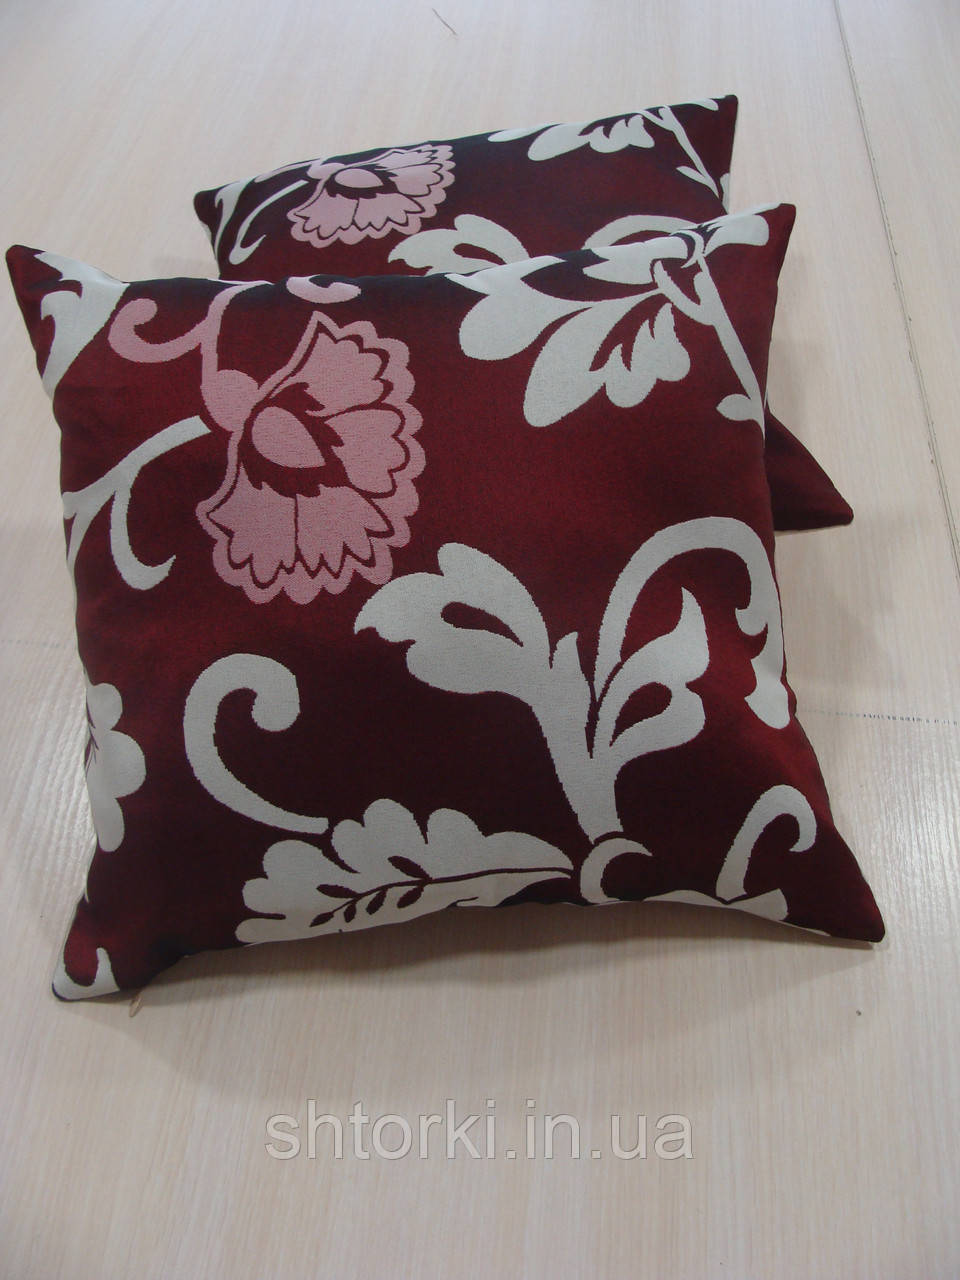 Комплект подушек бордо и молочные  завитки, 2шт 30х30см